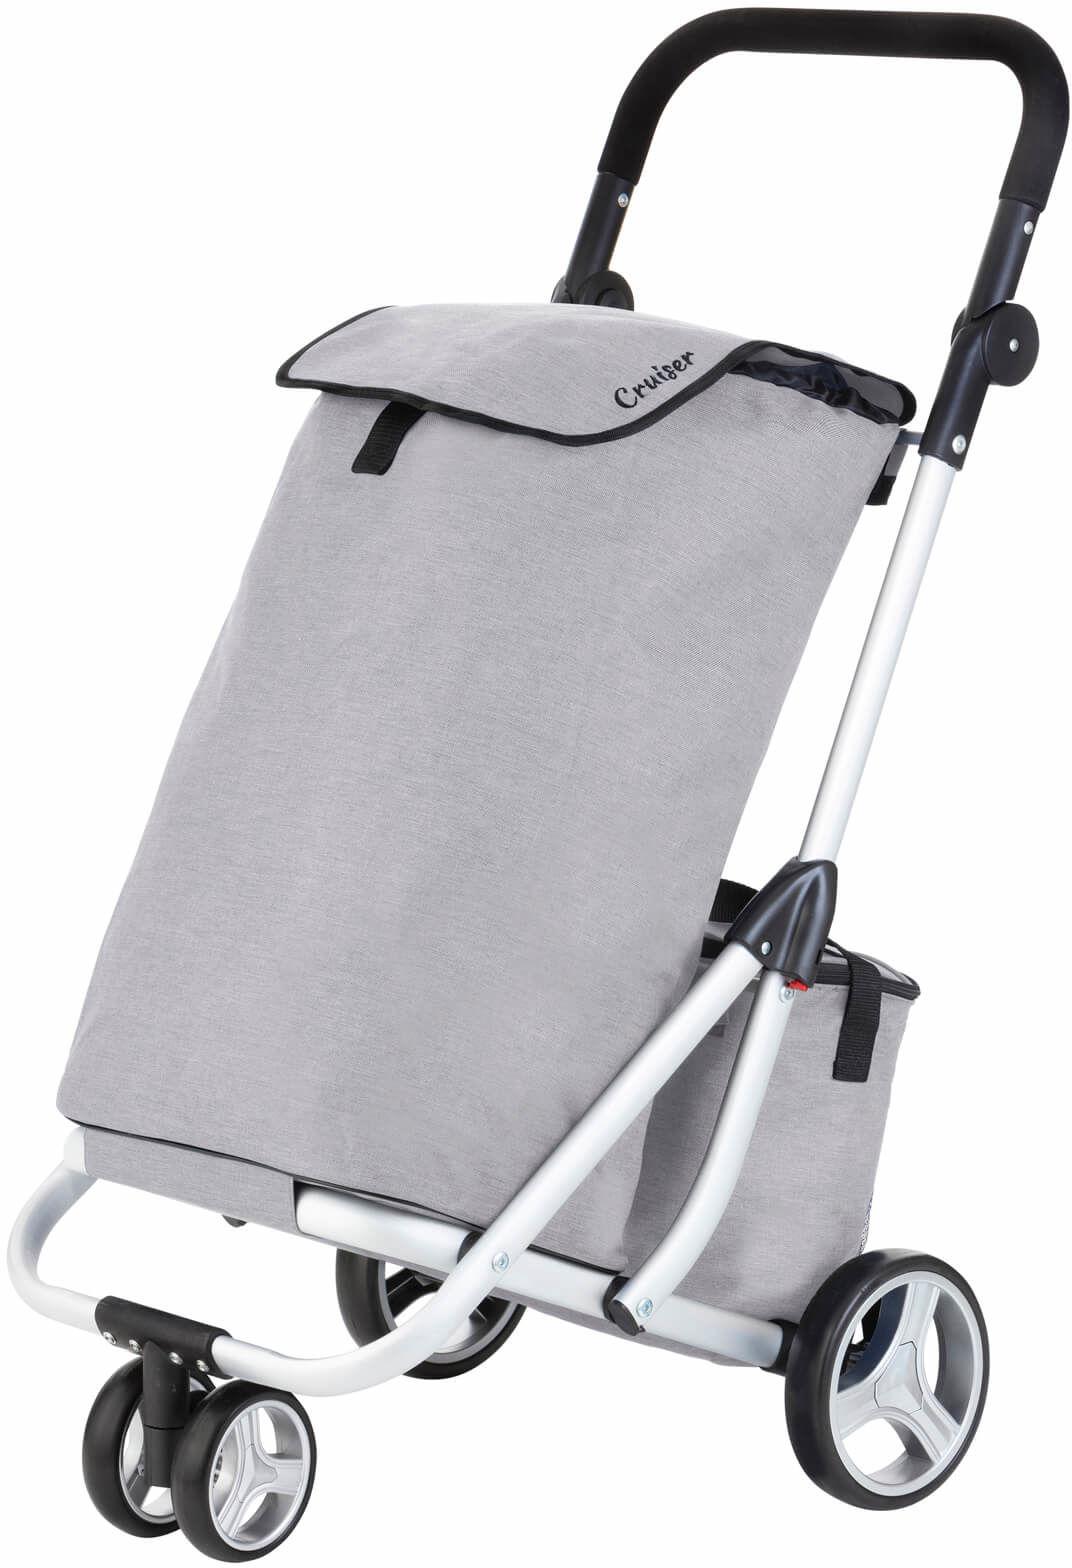 Wózek zakupowy trójkołowy Cruiser /szary/